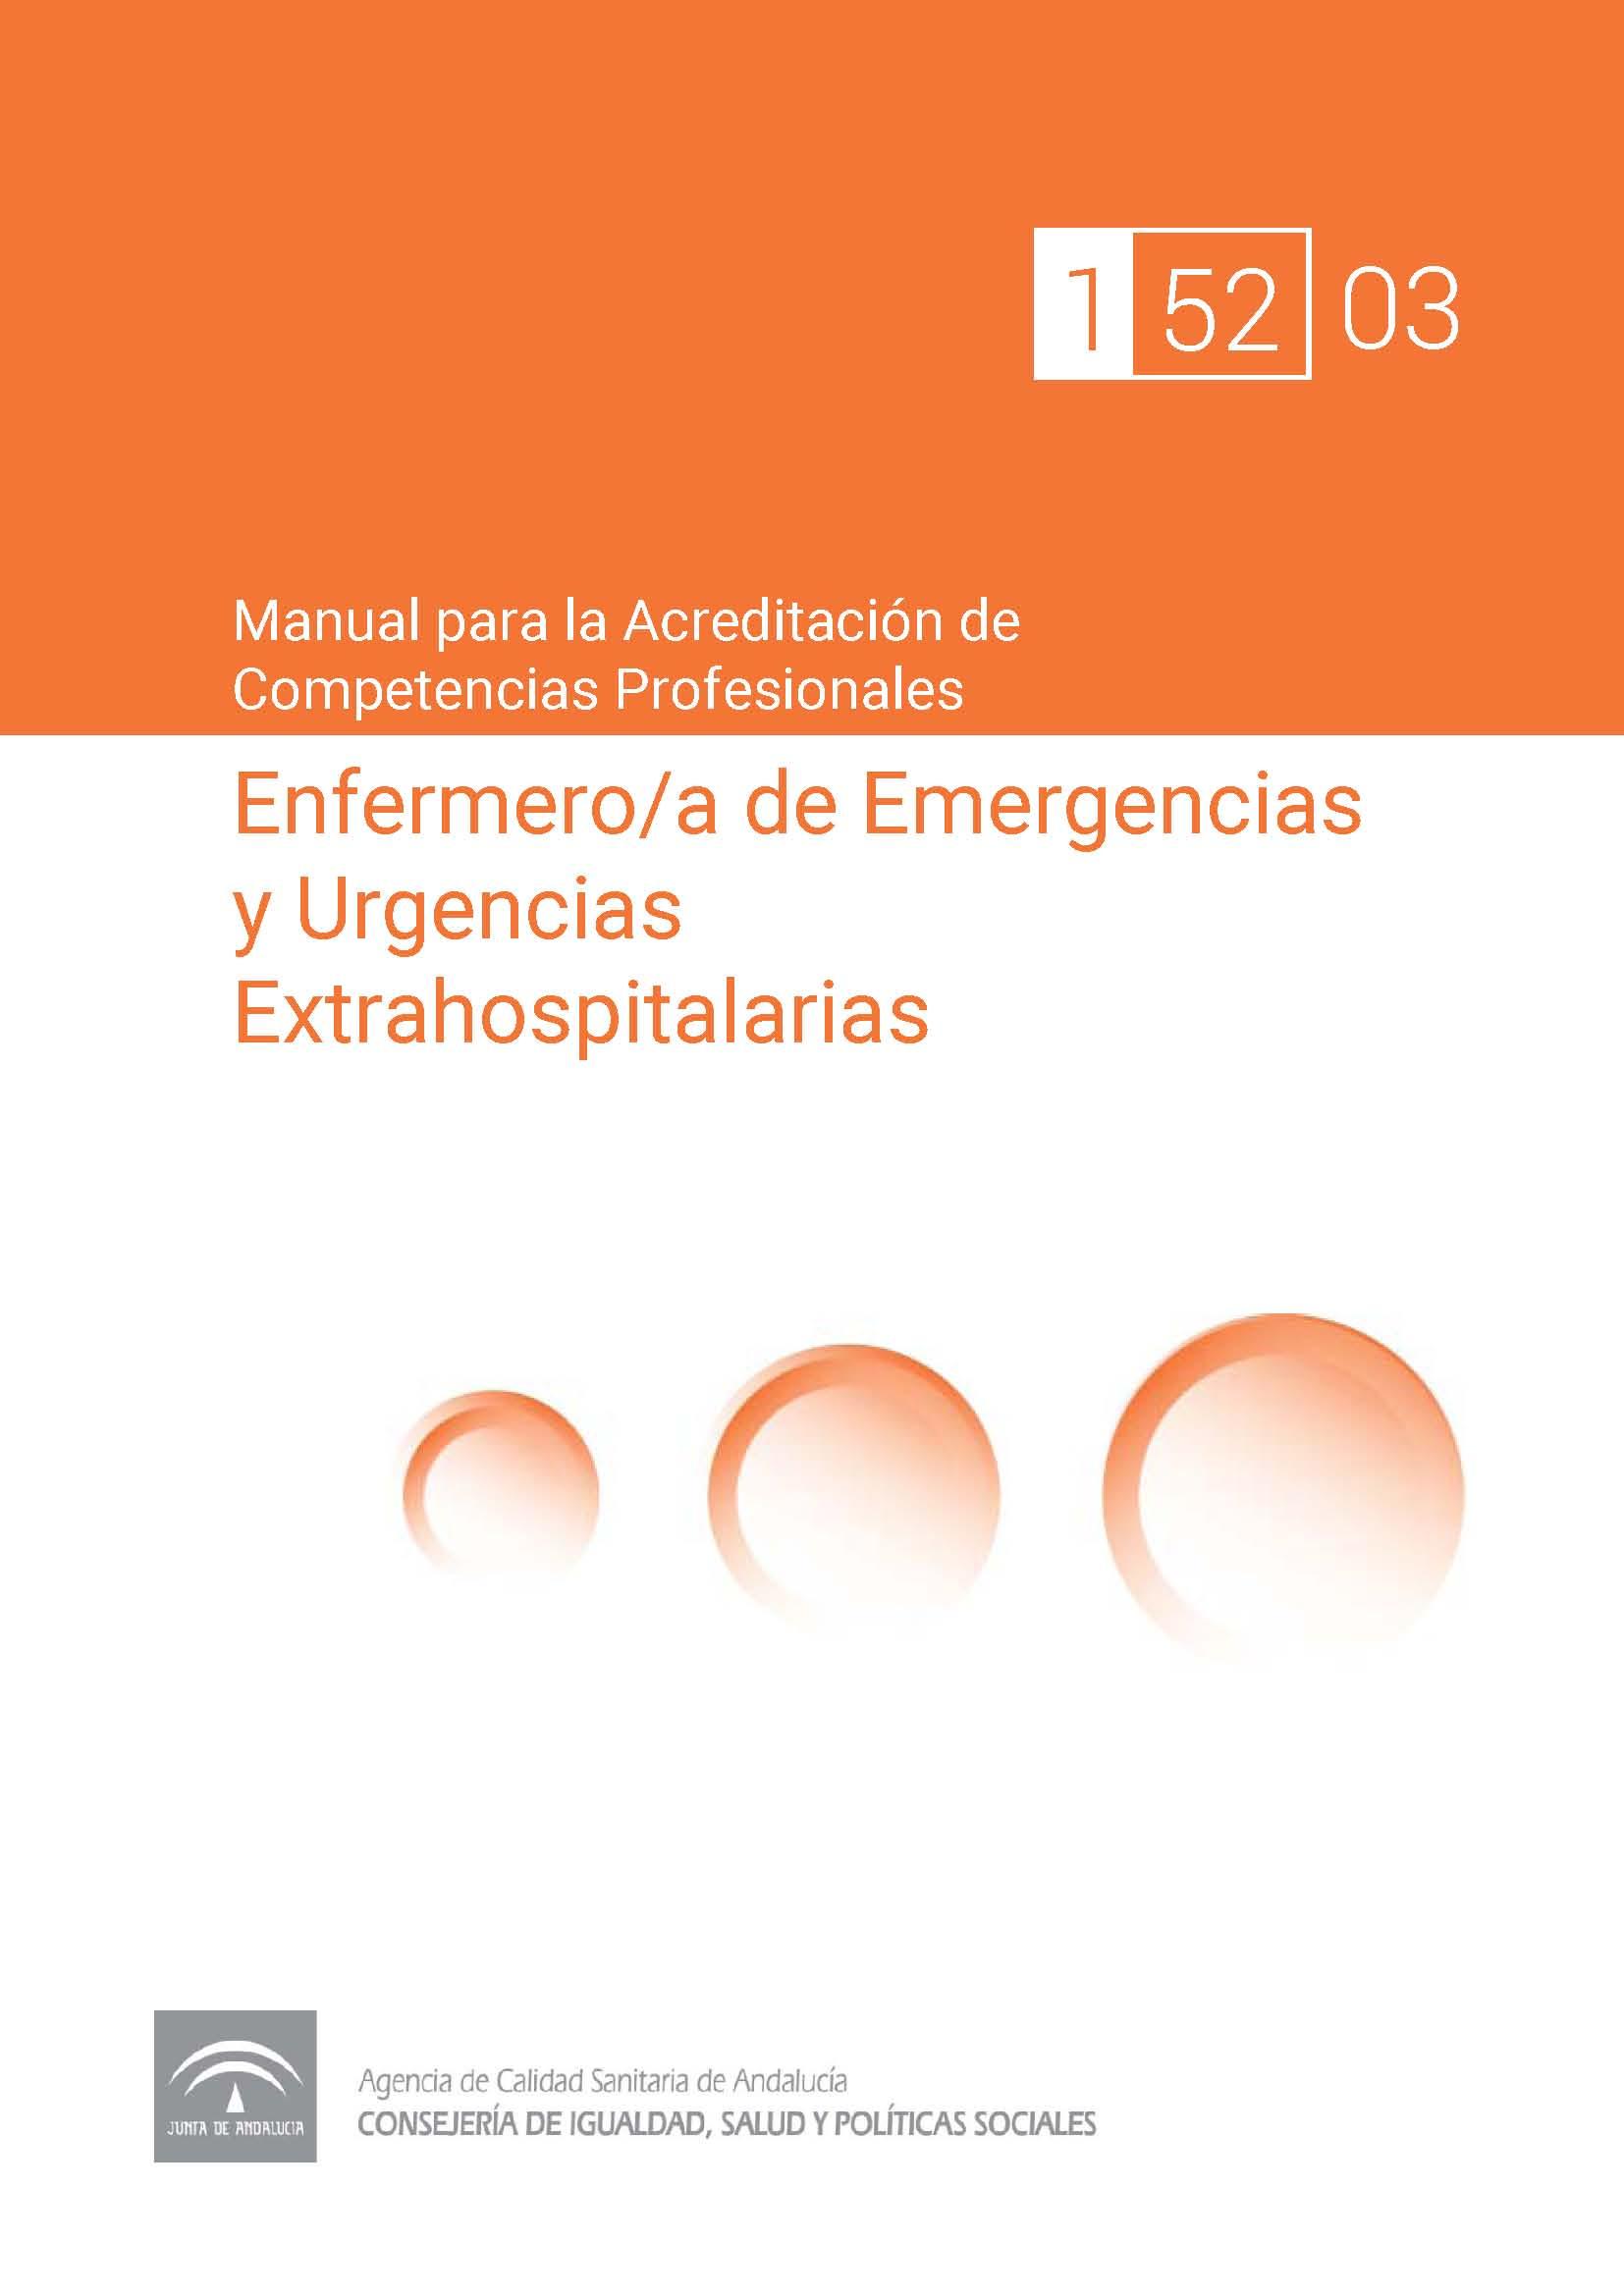 Manual de competencias profesionales del/de la Enfermero/a de Emergencias y Urgencias Extrahospitalarias